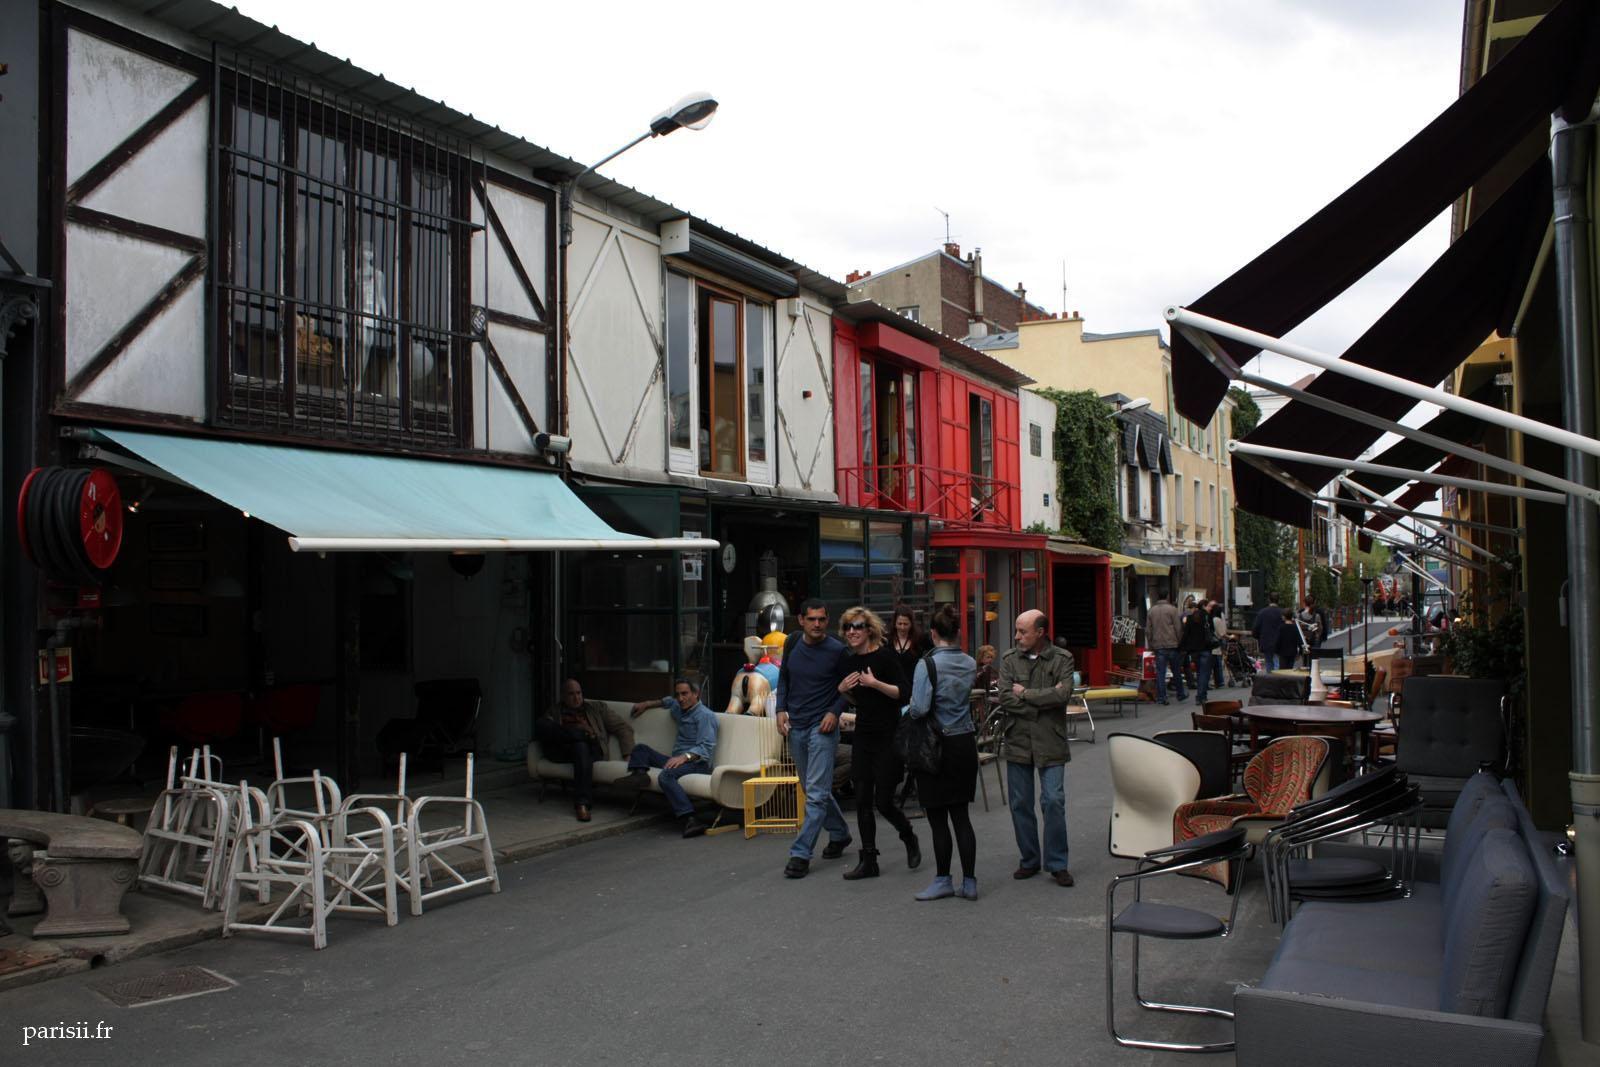 Saint-Ouen (1)